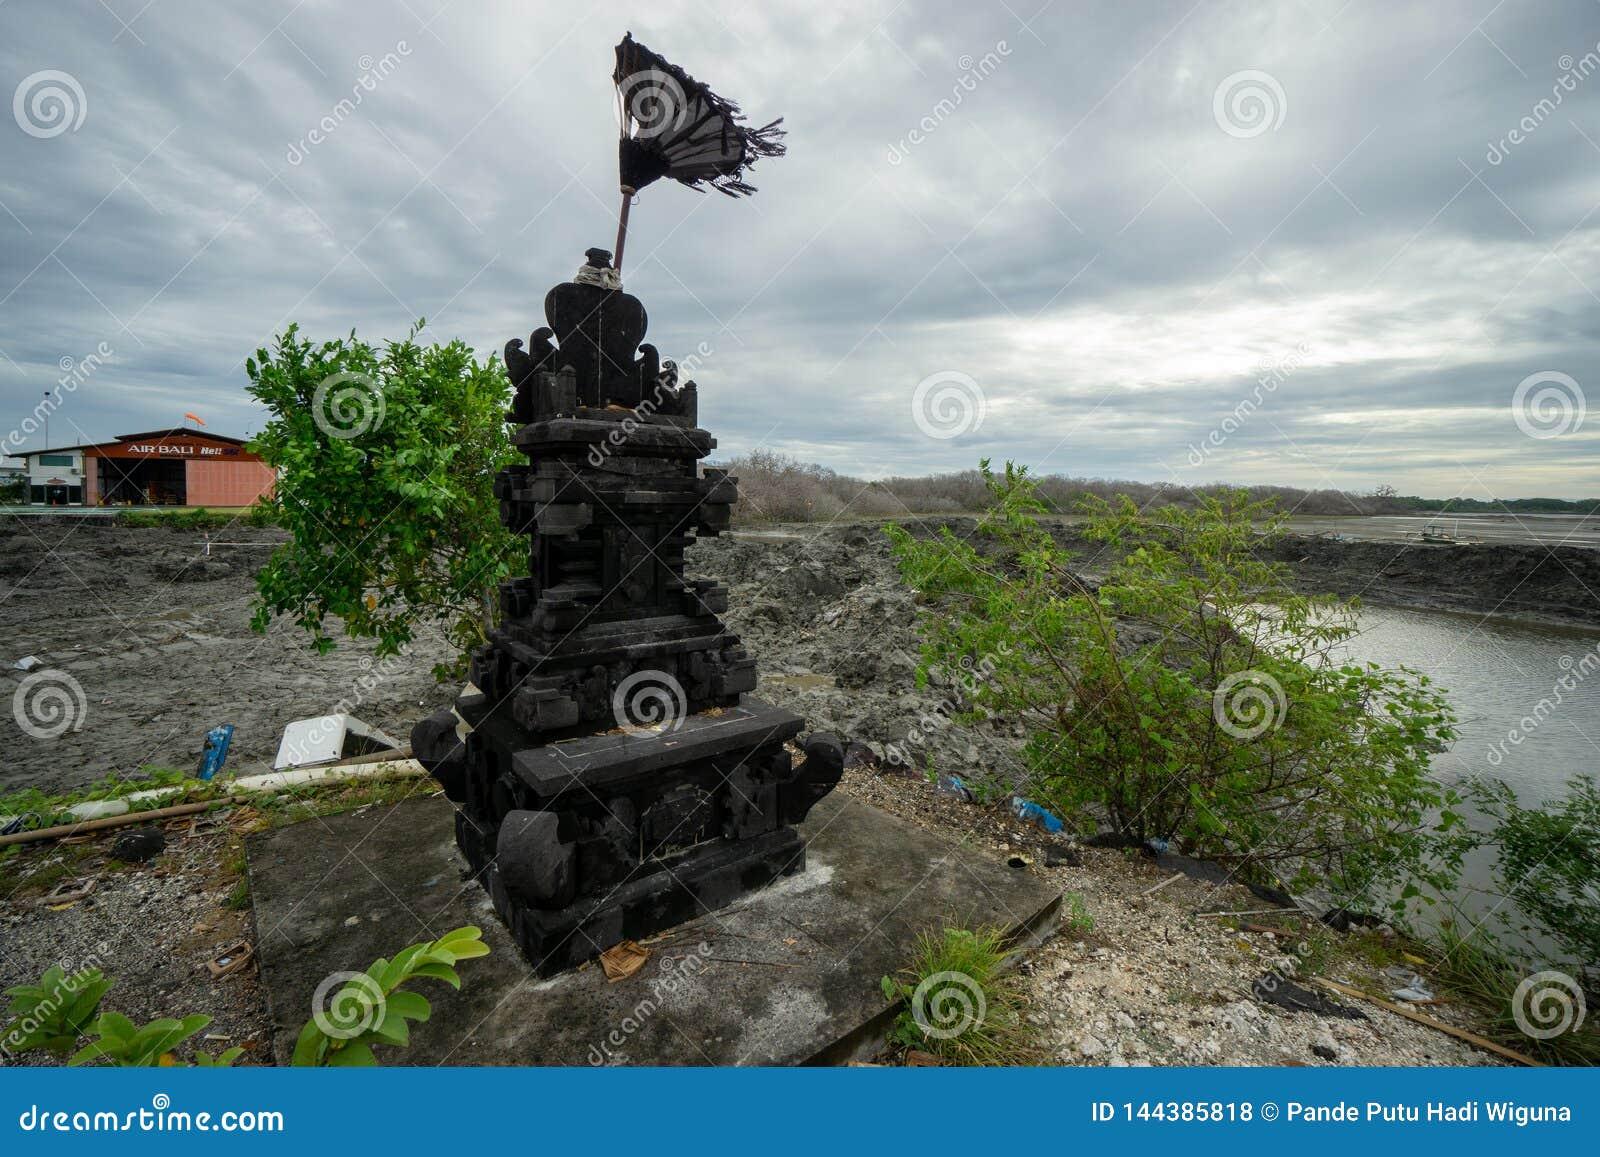 BADUNG, 08 BALI/INDONESIA-MAART 2019: Zwart natuursteenstandbeeld voor het aanbieden van plaats